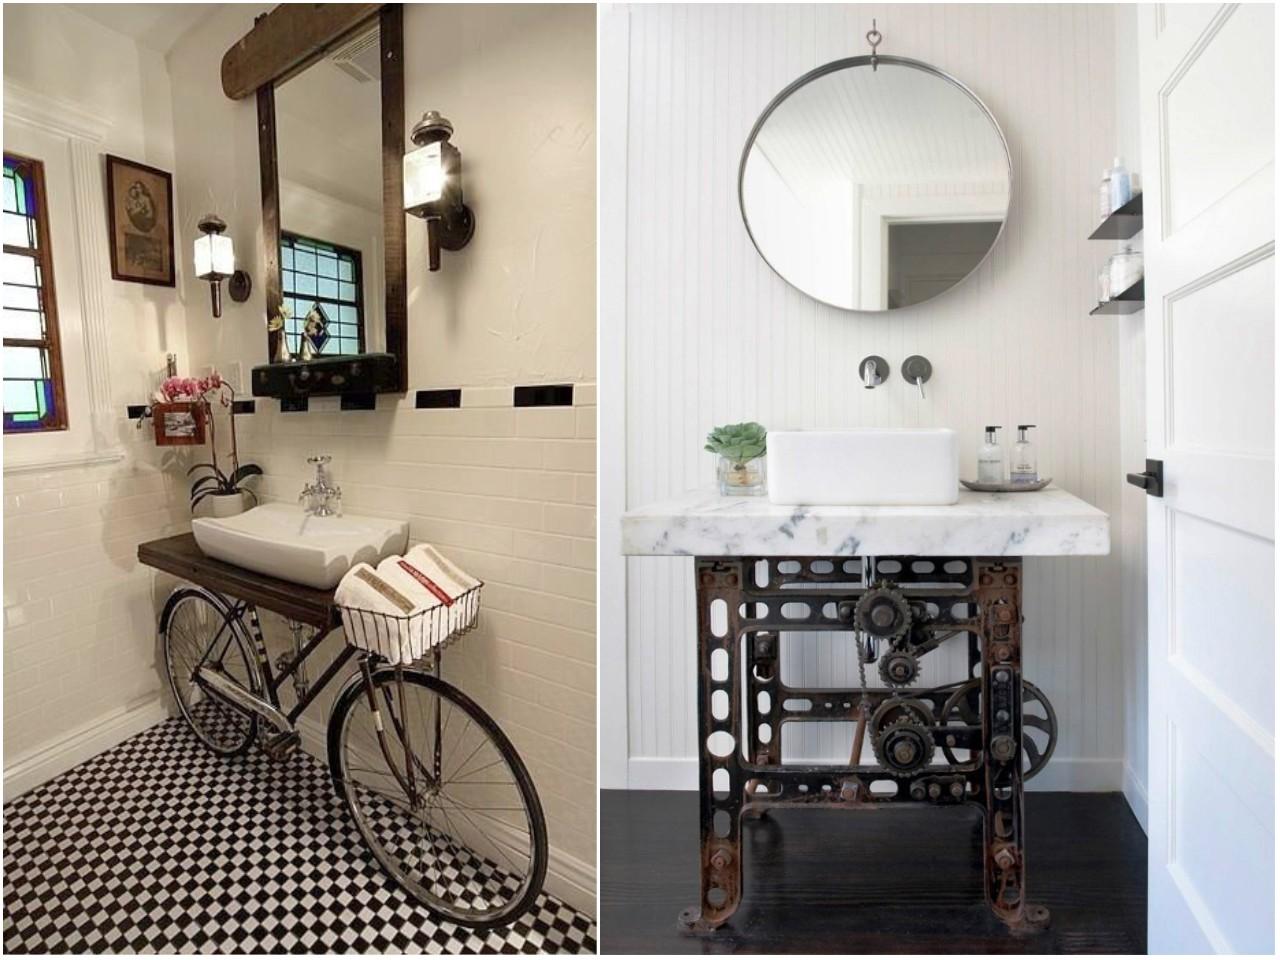 Lamparas Baño Vintage:Ideas para decorar baños: recicla y crea piezas únicas